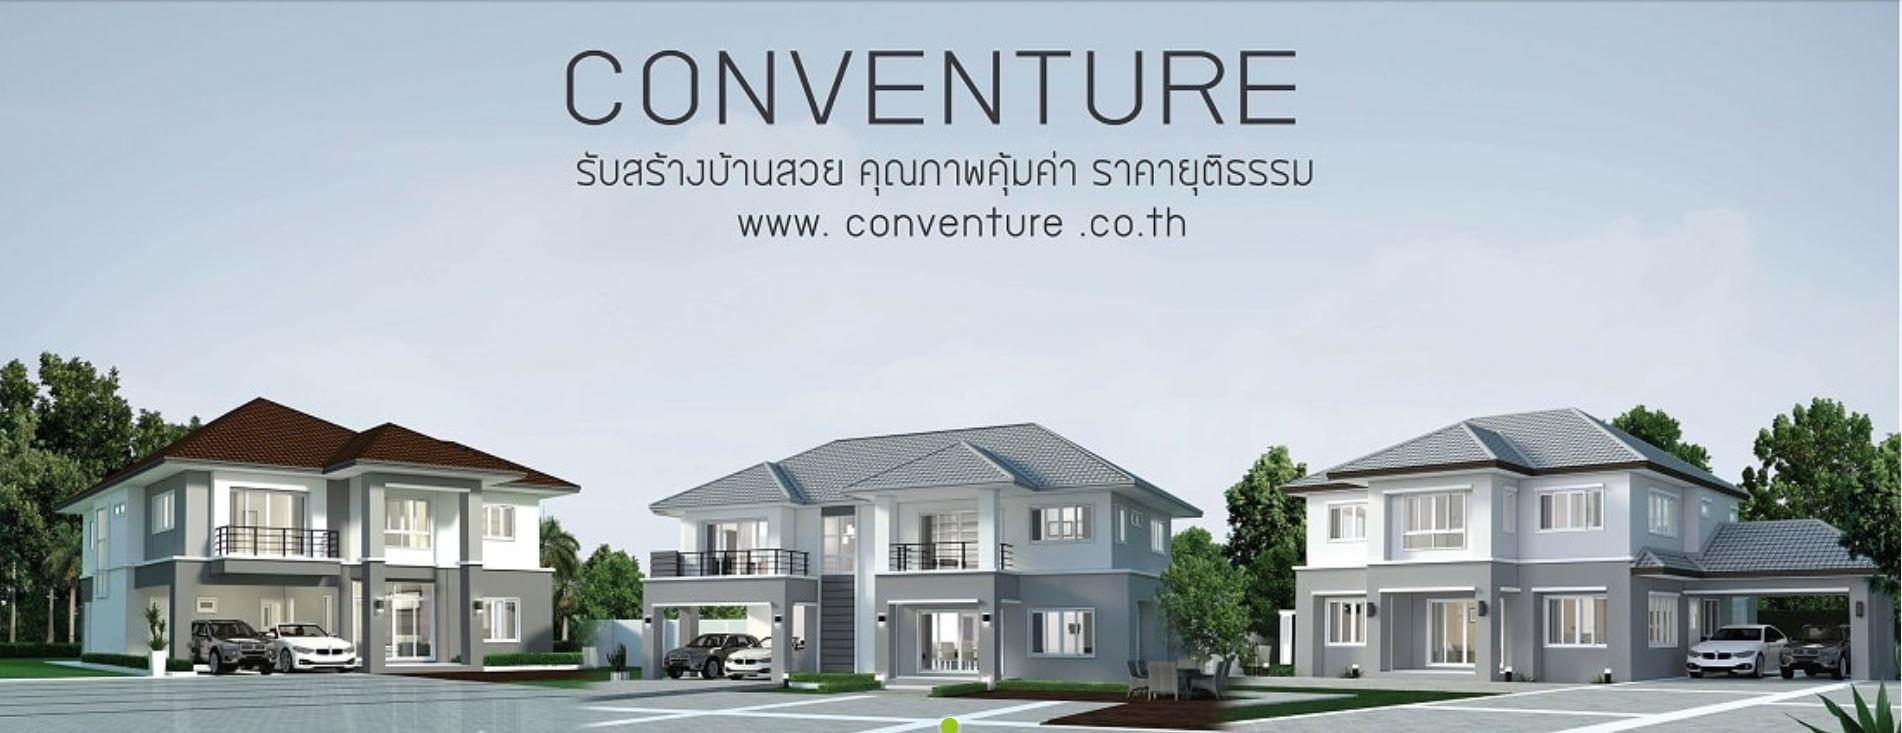 บริษัทรับสร้างบ้านที่ราคาเข้าถึงง่ายแล้วงานมีคุณภาพสมราคาหาได้ที่นี่